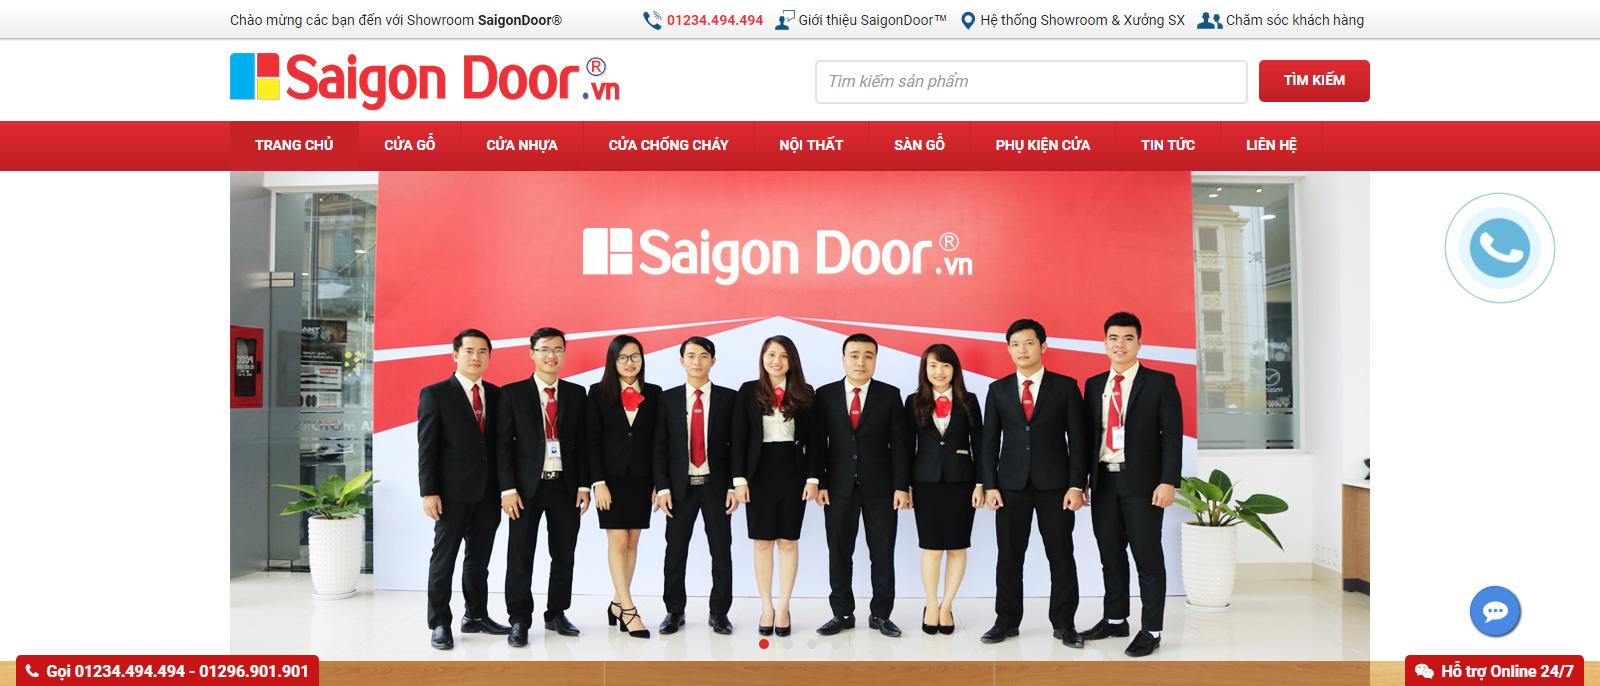 SaigonDoor Lừa Đảo | Vạch mặt Sự Xuyên tạc Vu Khống cạnh tranh thiếu lành mạnh